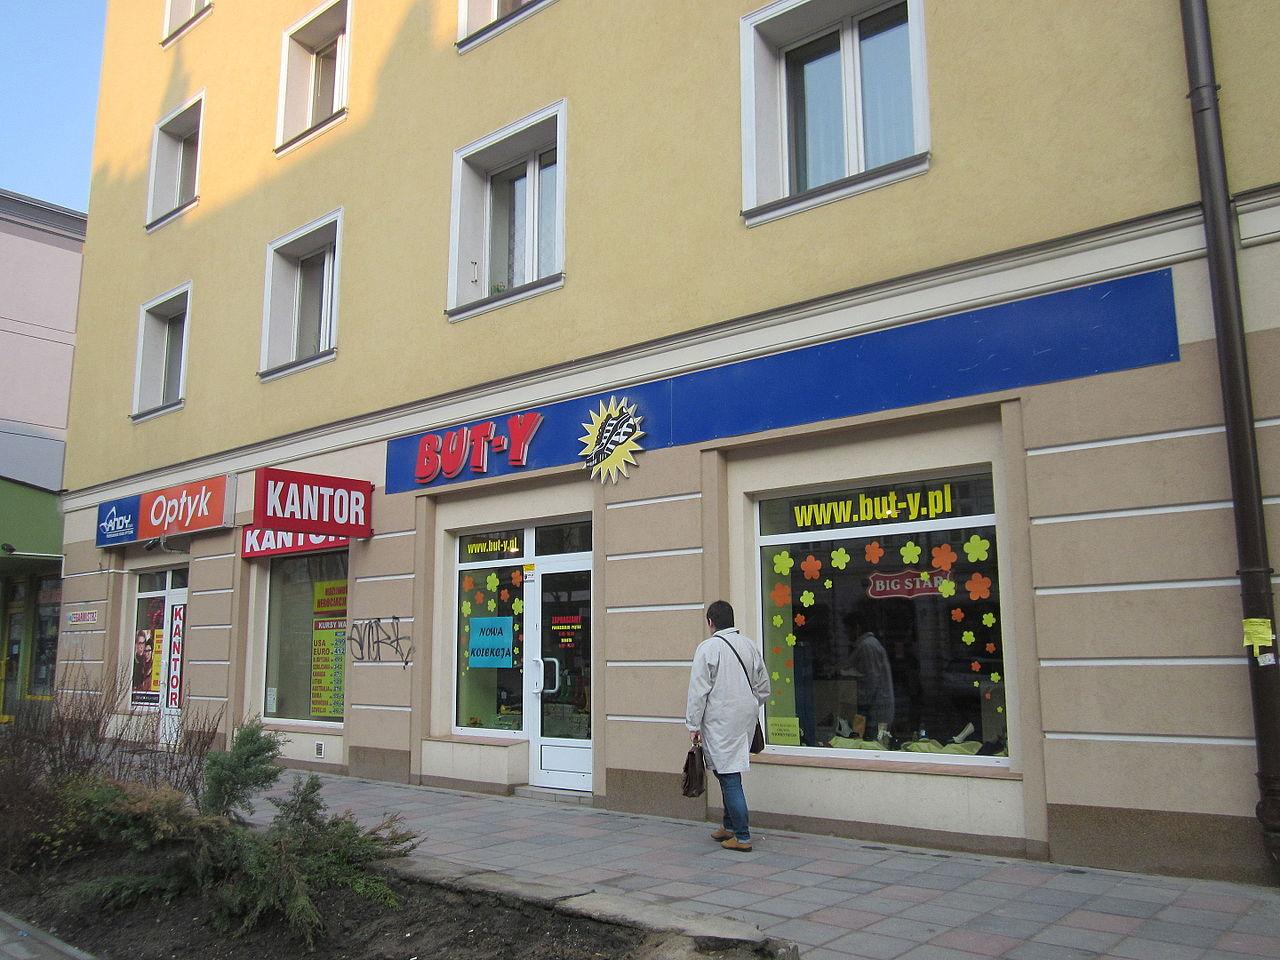 File:Kantor w Białymstoku (Sienkiewicza) jpg - Wikimedia Commons